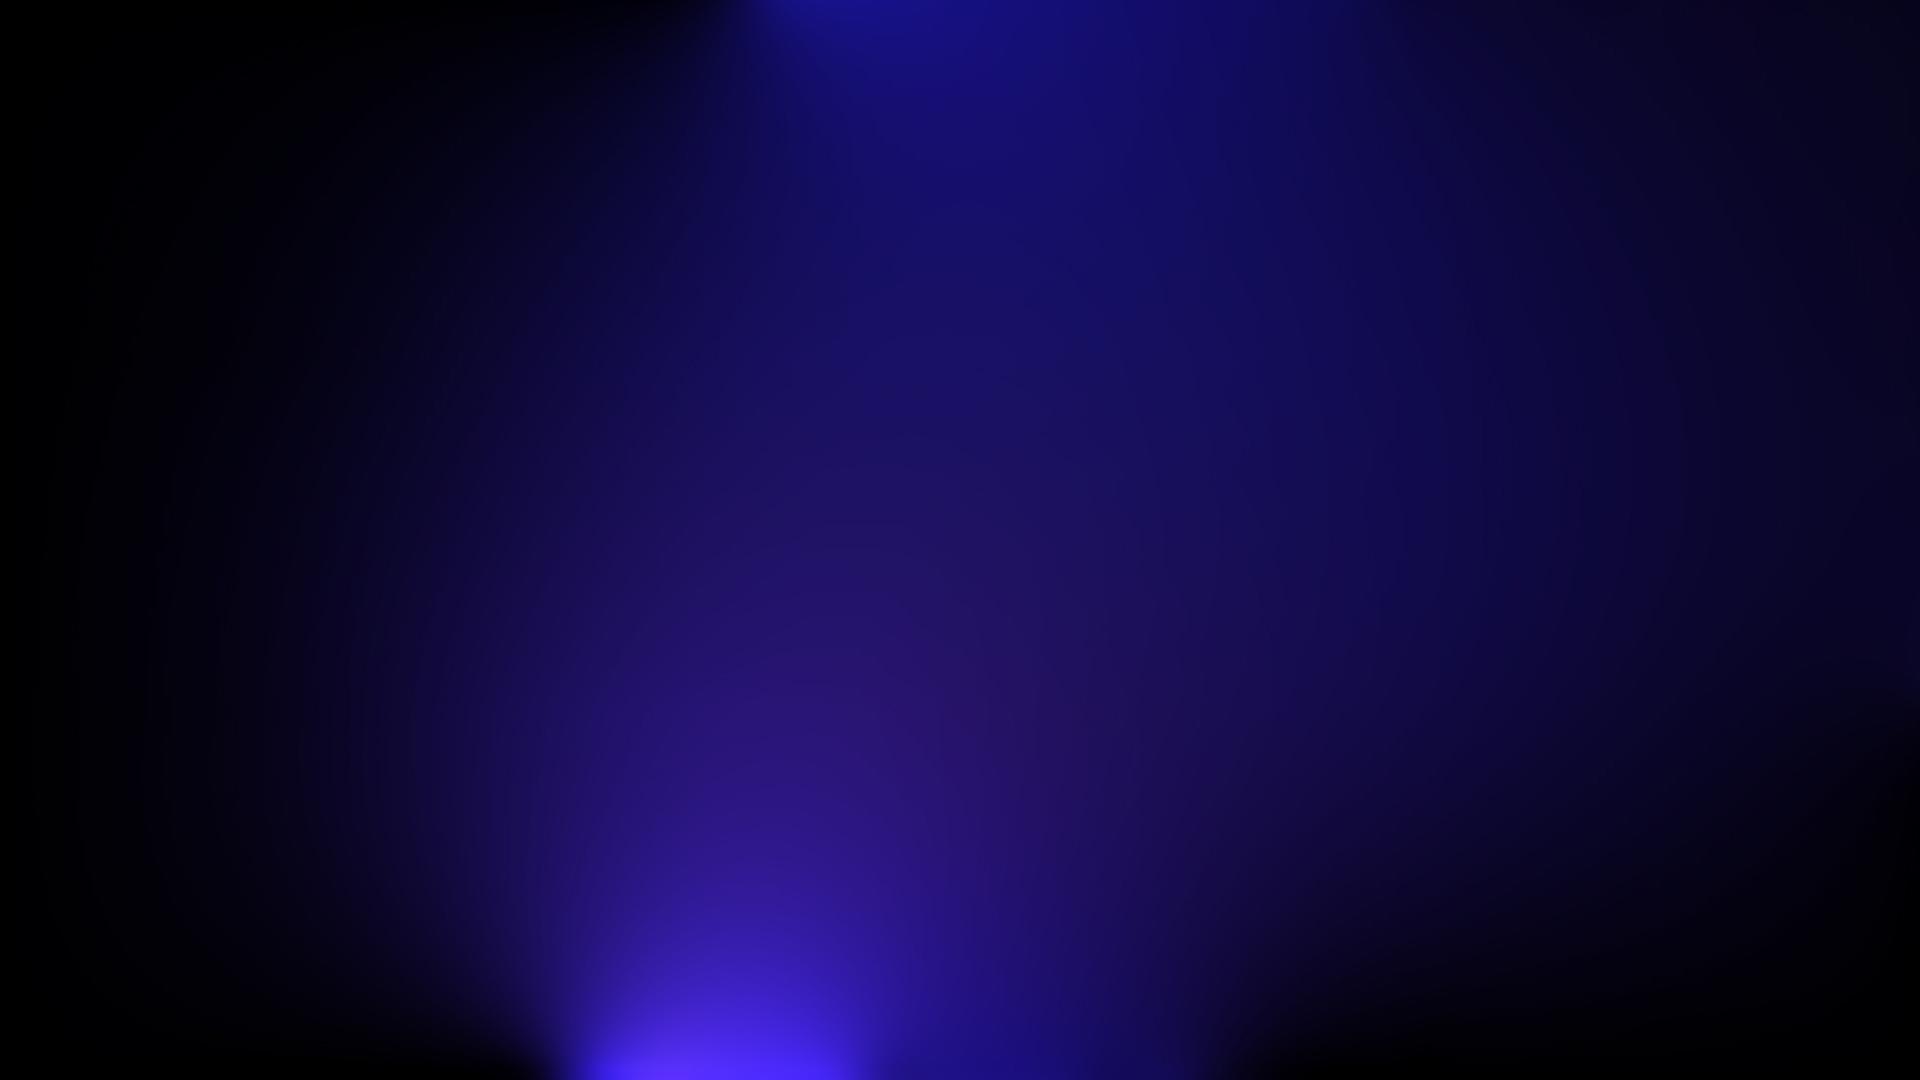 1920X1080 Blue Wallpaper - WallpaperSafari